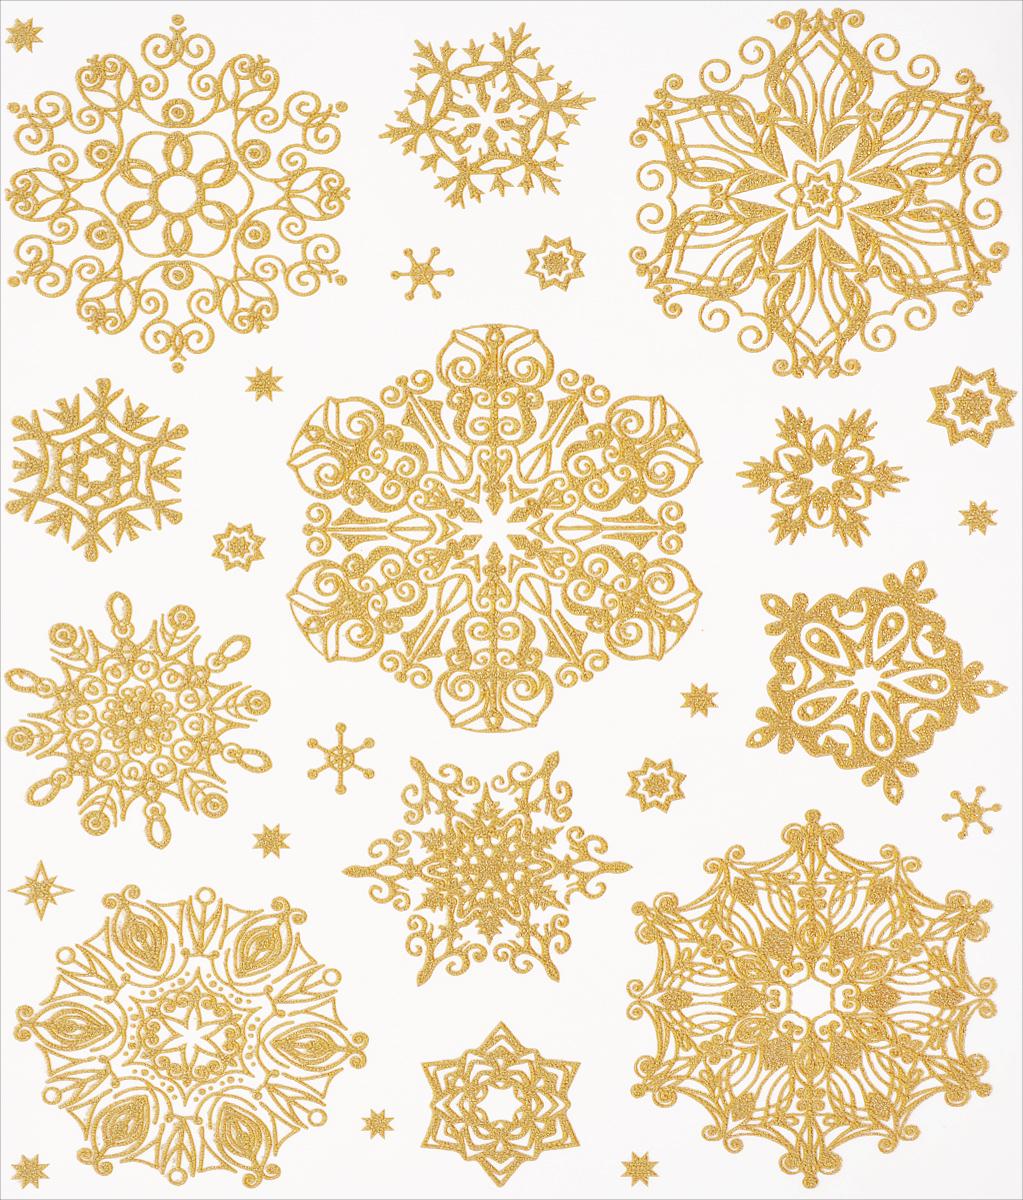 Новогоднее оконное украшение Феникс-Презент Снежинки. 3863738637Новогоднее оконное украшение Феникс-Презент Снежинки поможет украсить дом к предстоящим праздникам. На одном листе расположены наклейки в виде снежинок, декорированные блестками. Наклейки изготовлены из ПВХ. С помощью этих украшений вы сможете оживить интерьер по своему вкусу, наклеить их на окно, на зеркало.Новогодние украшения всегда несут в себе волшебство и красоту праздника. Создайте в своем доме атмосферу тепла, веселья и радости, украшая его всей семьей. Размер листа: 30 см х 38 см. Размер самой большой наклейки: 13,5 см х 11,5 см. Размер самой маленькой наклейки: 2 см х 2 см.